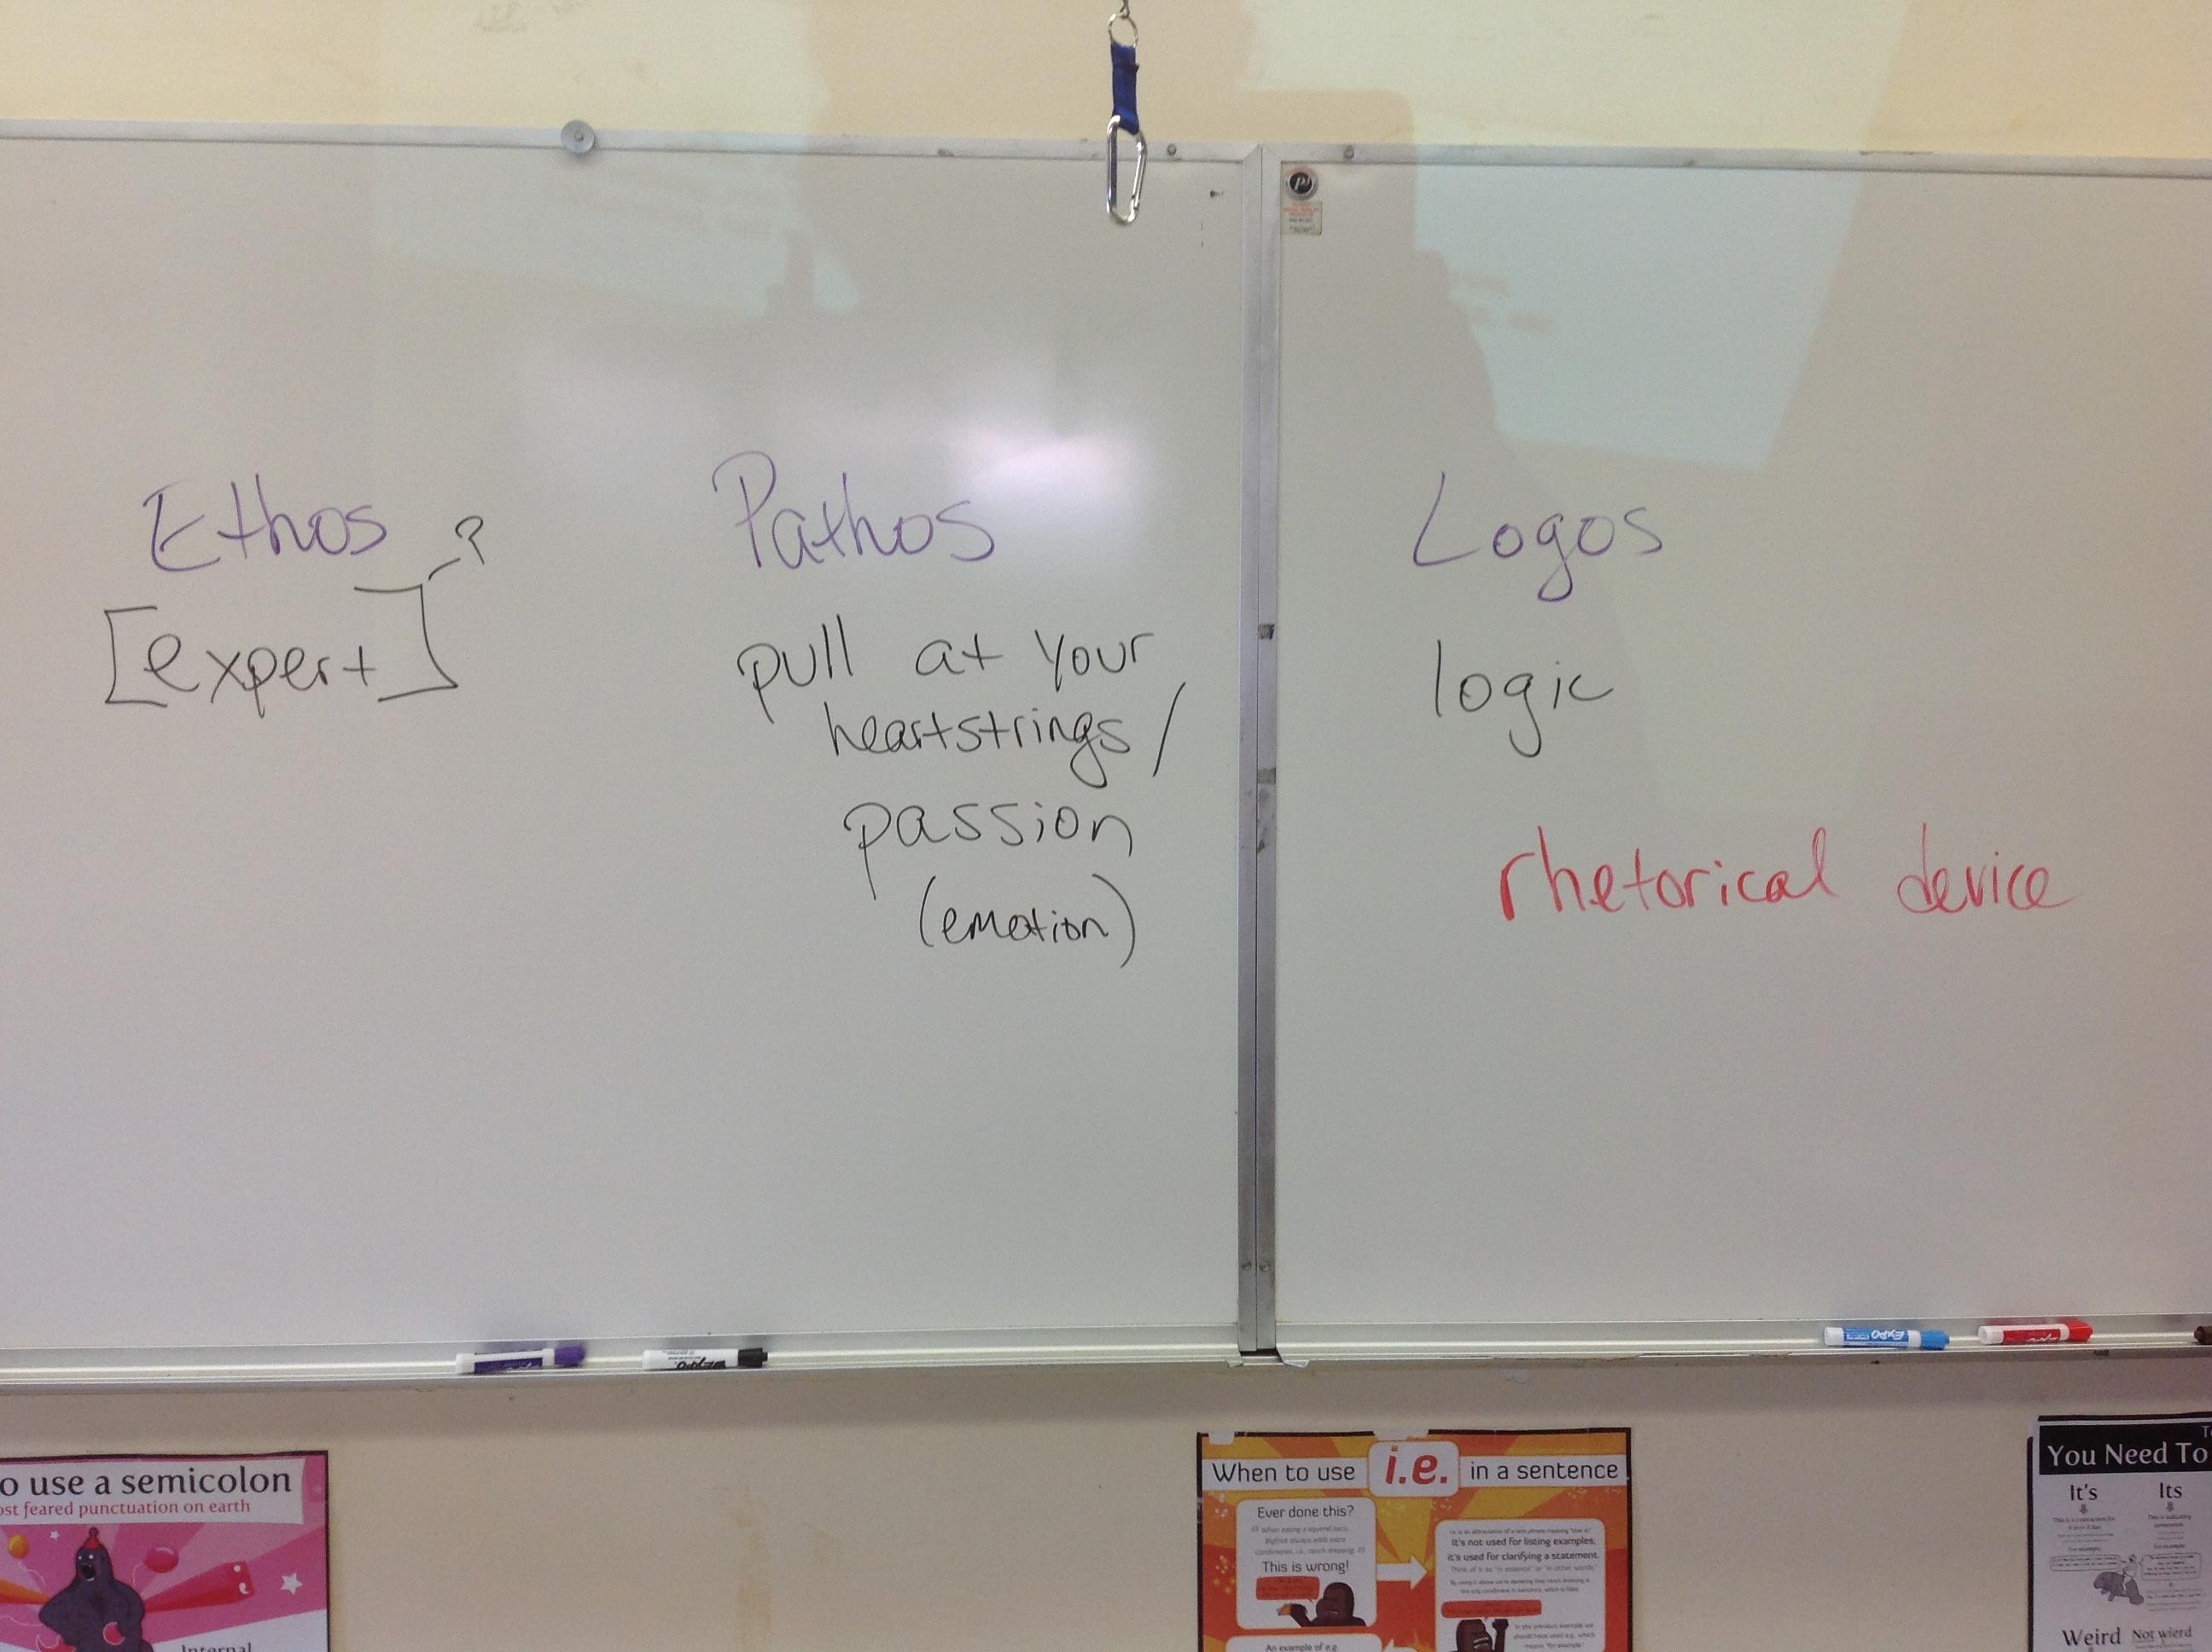 Ethos Pathos Logos Worksheet Examples | Printable Worksheets and